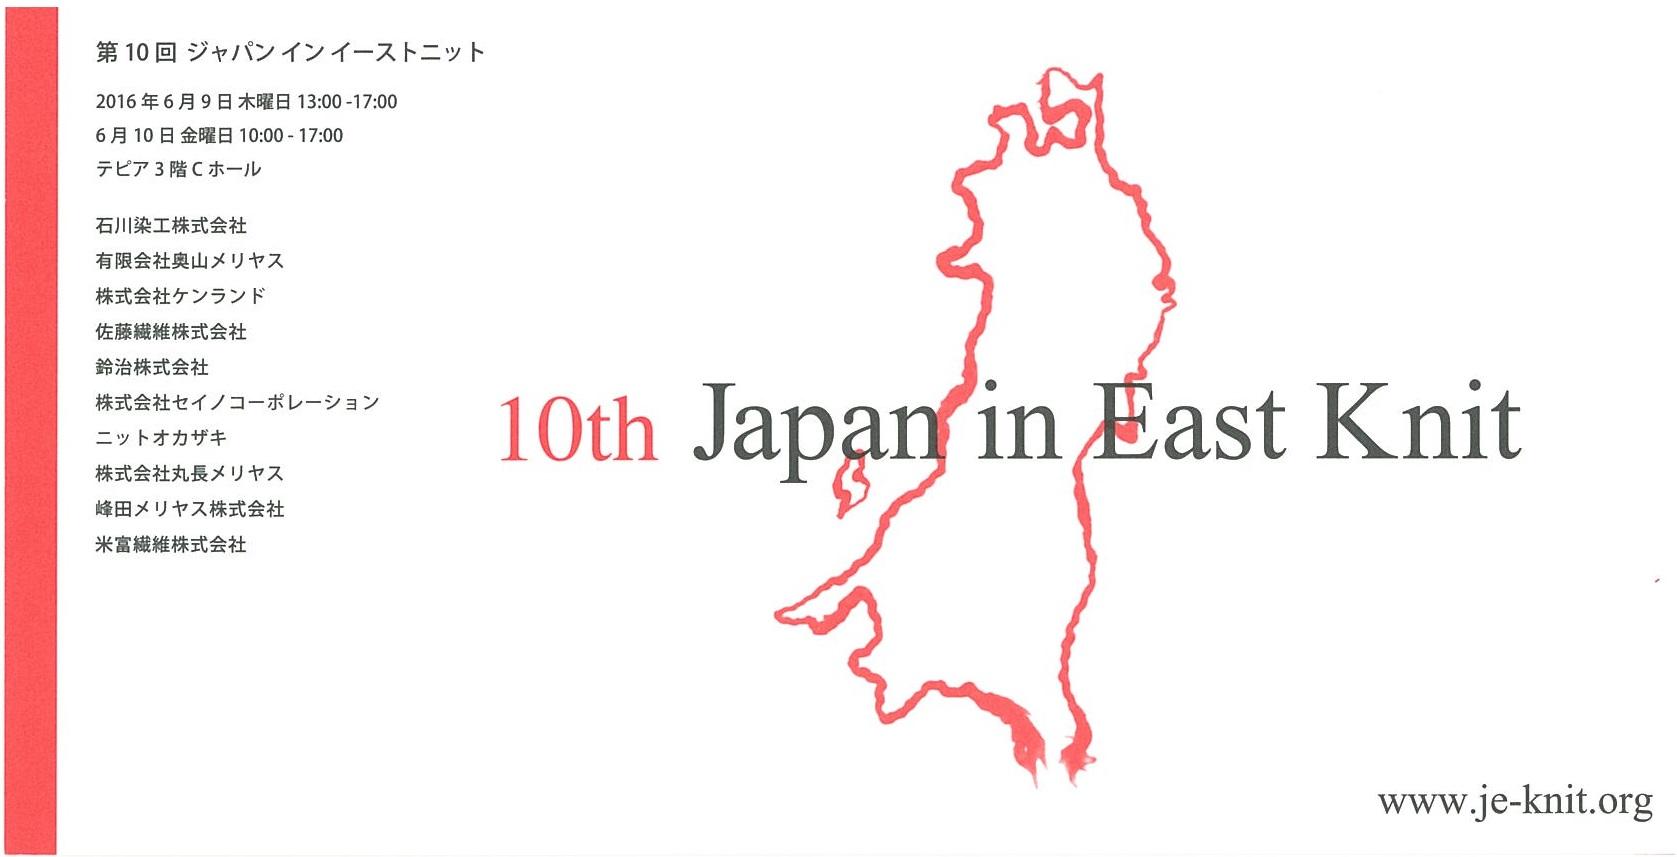 10th Japan in East Knit 展示会のお知らせの写真